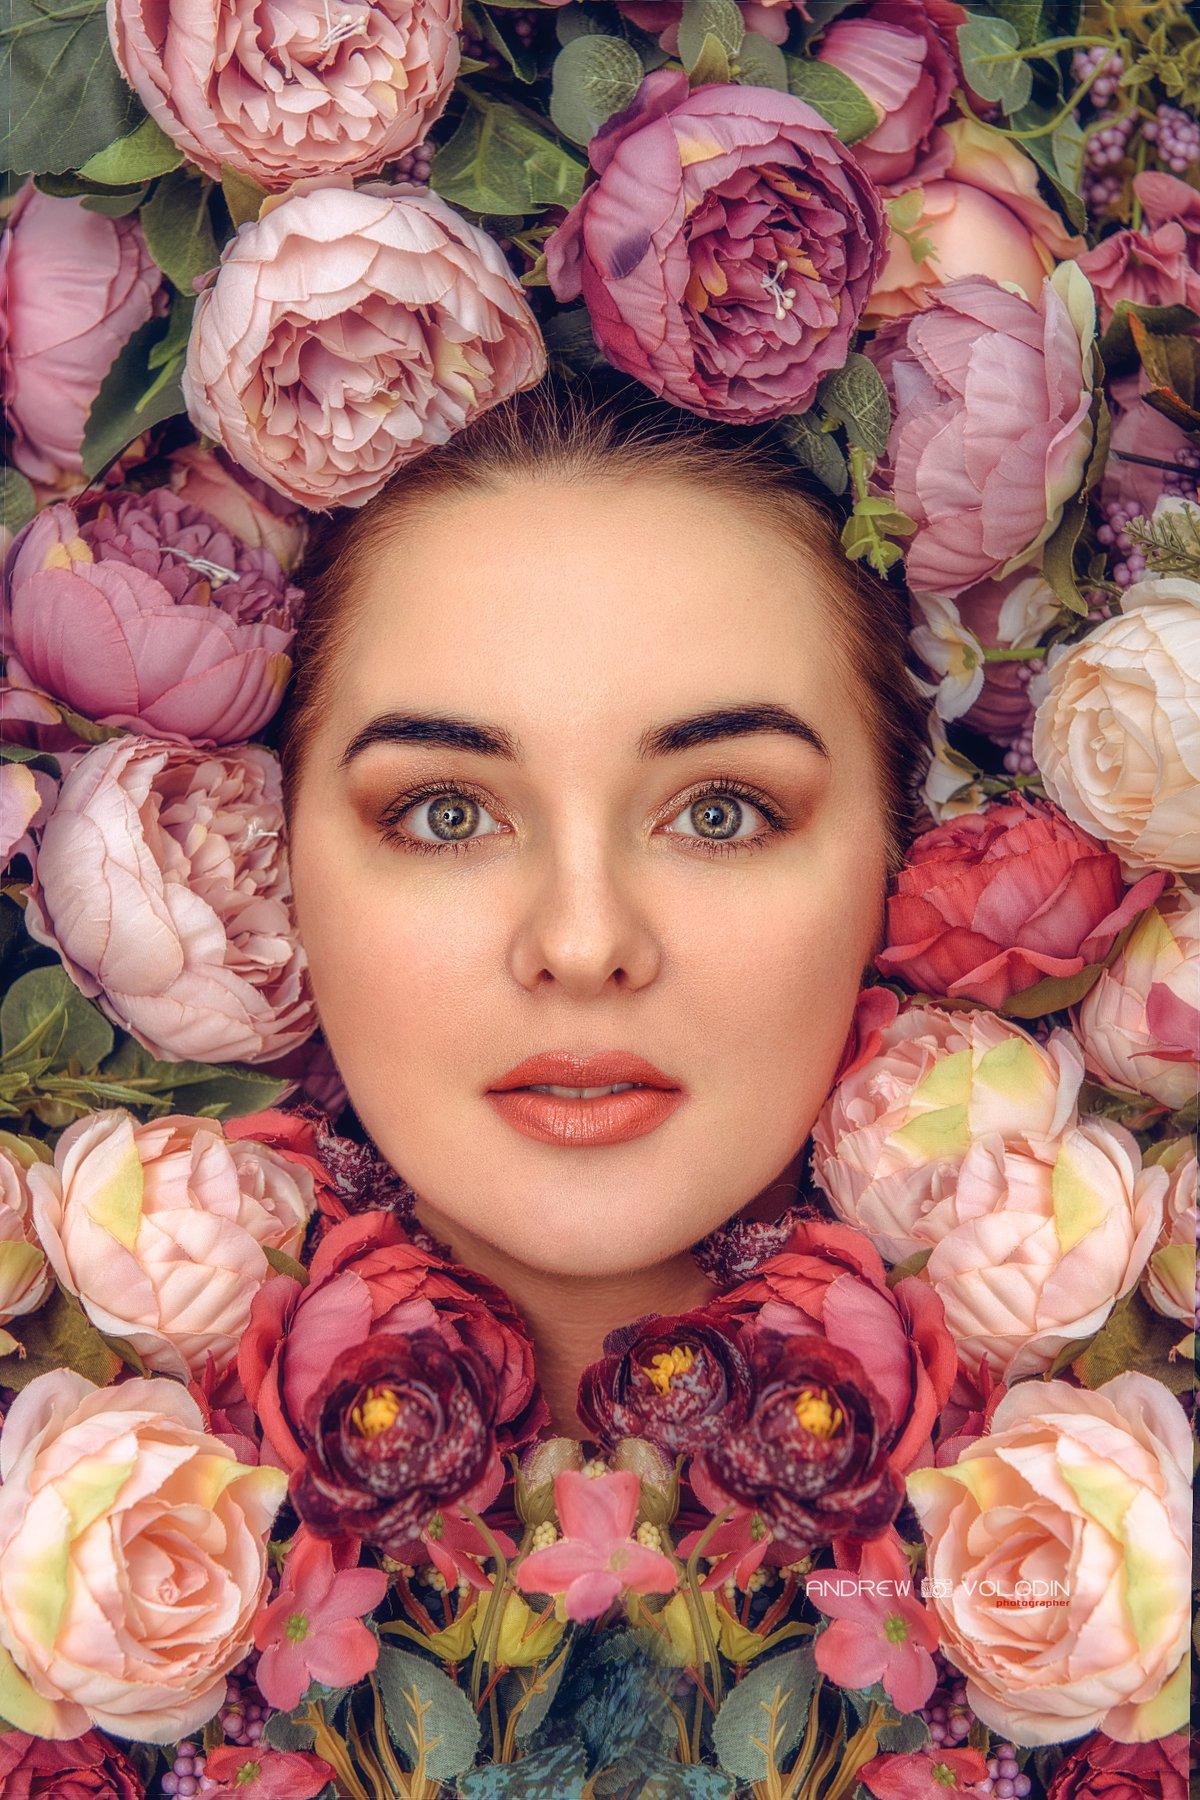 портрет девушка цветы обложкажурнала красиво весна, Андрей Володин